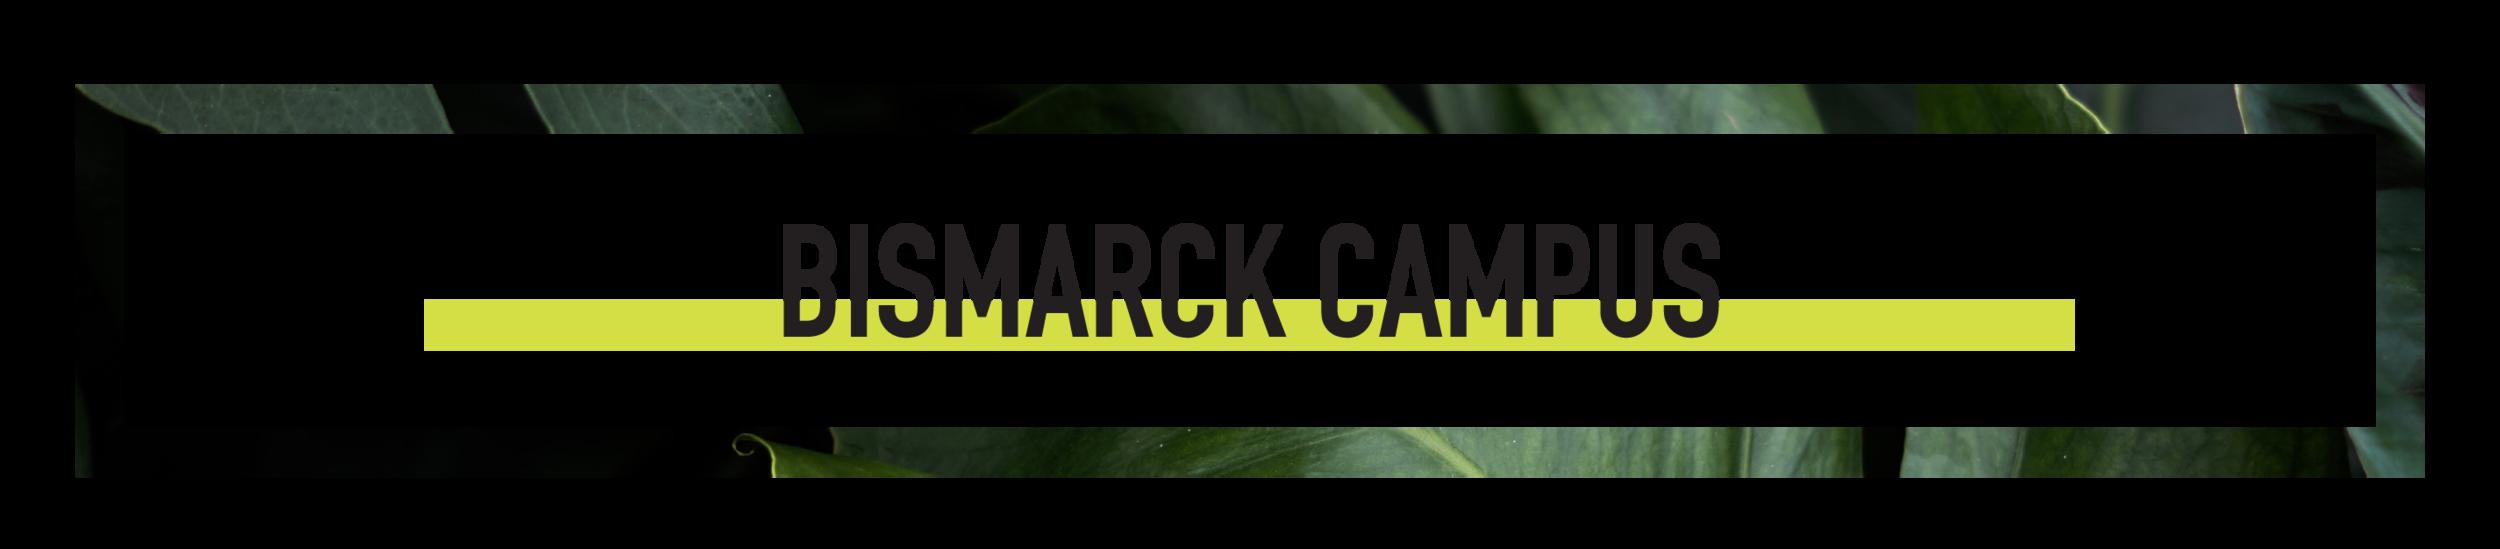 Bismarck Campus - Get Connected-01.png